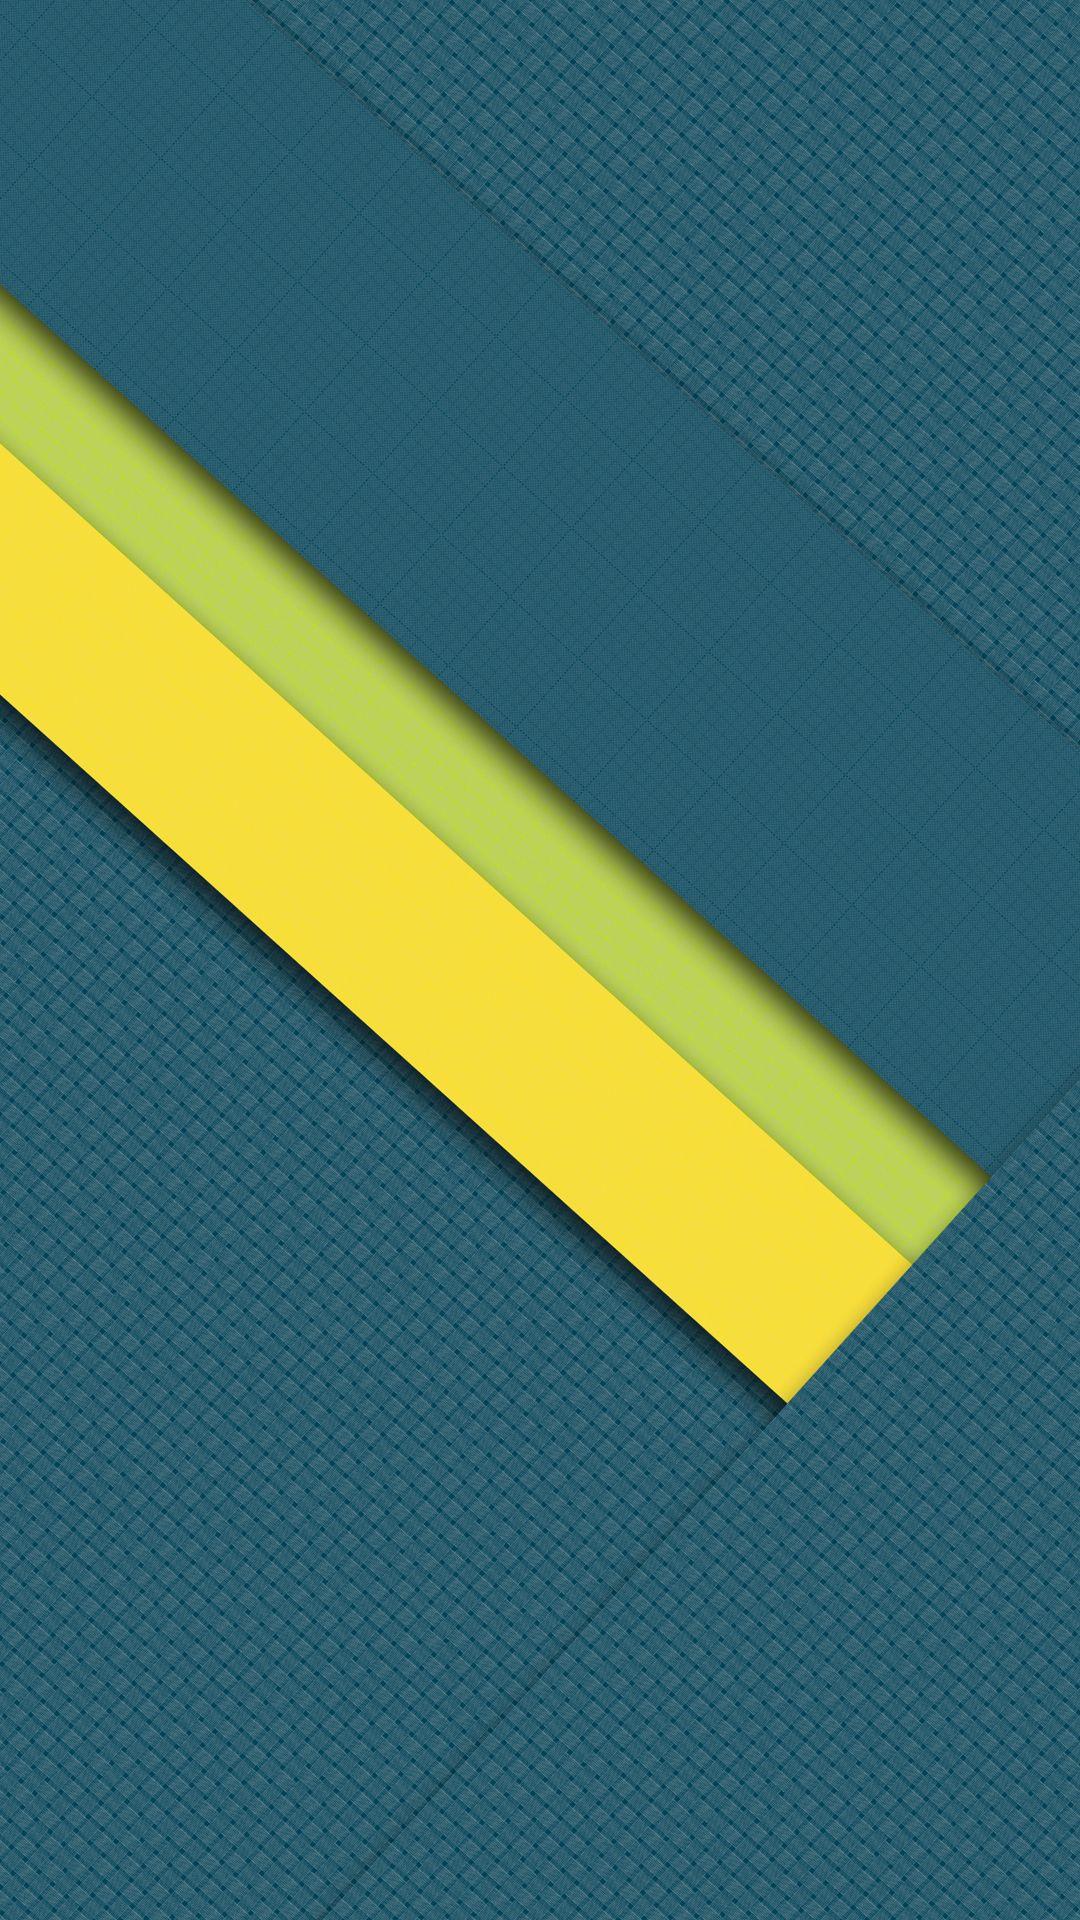 Material Design Mobile Hd Wallpaper13 Vactual Papers Phone